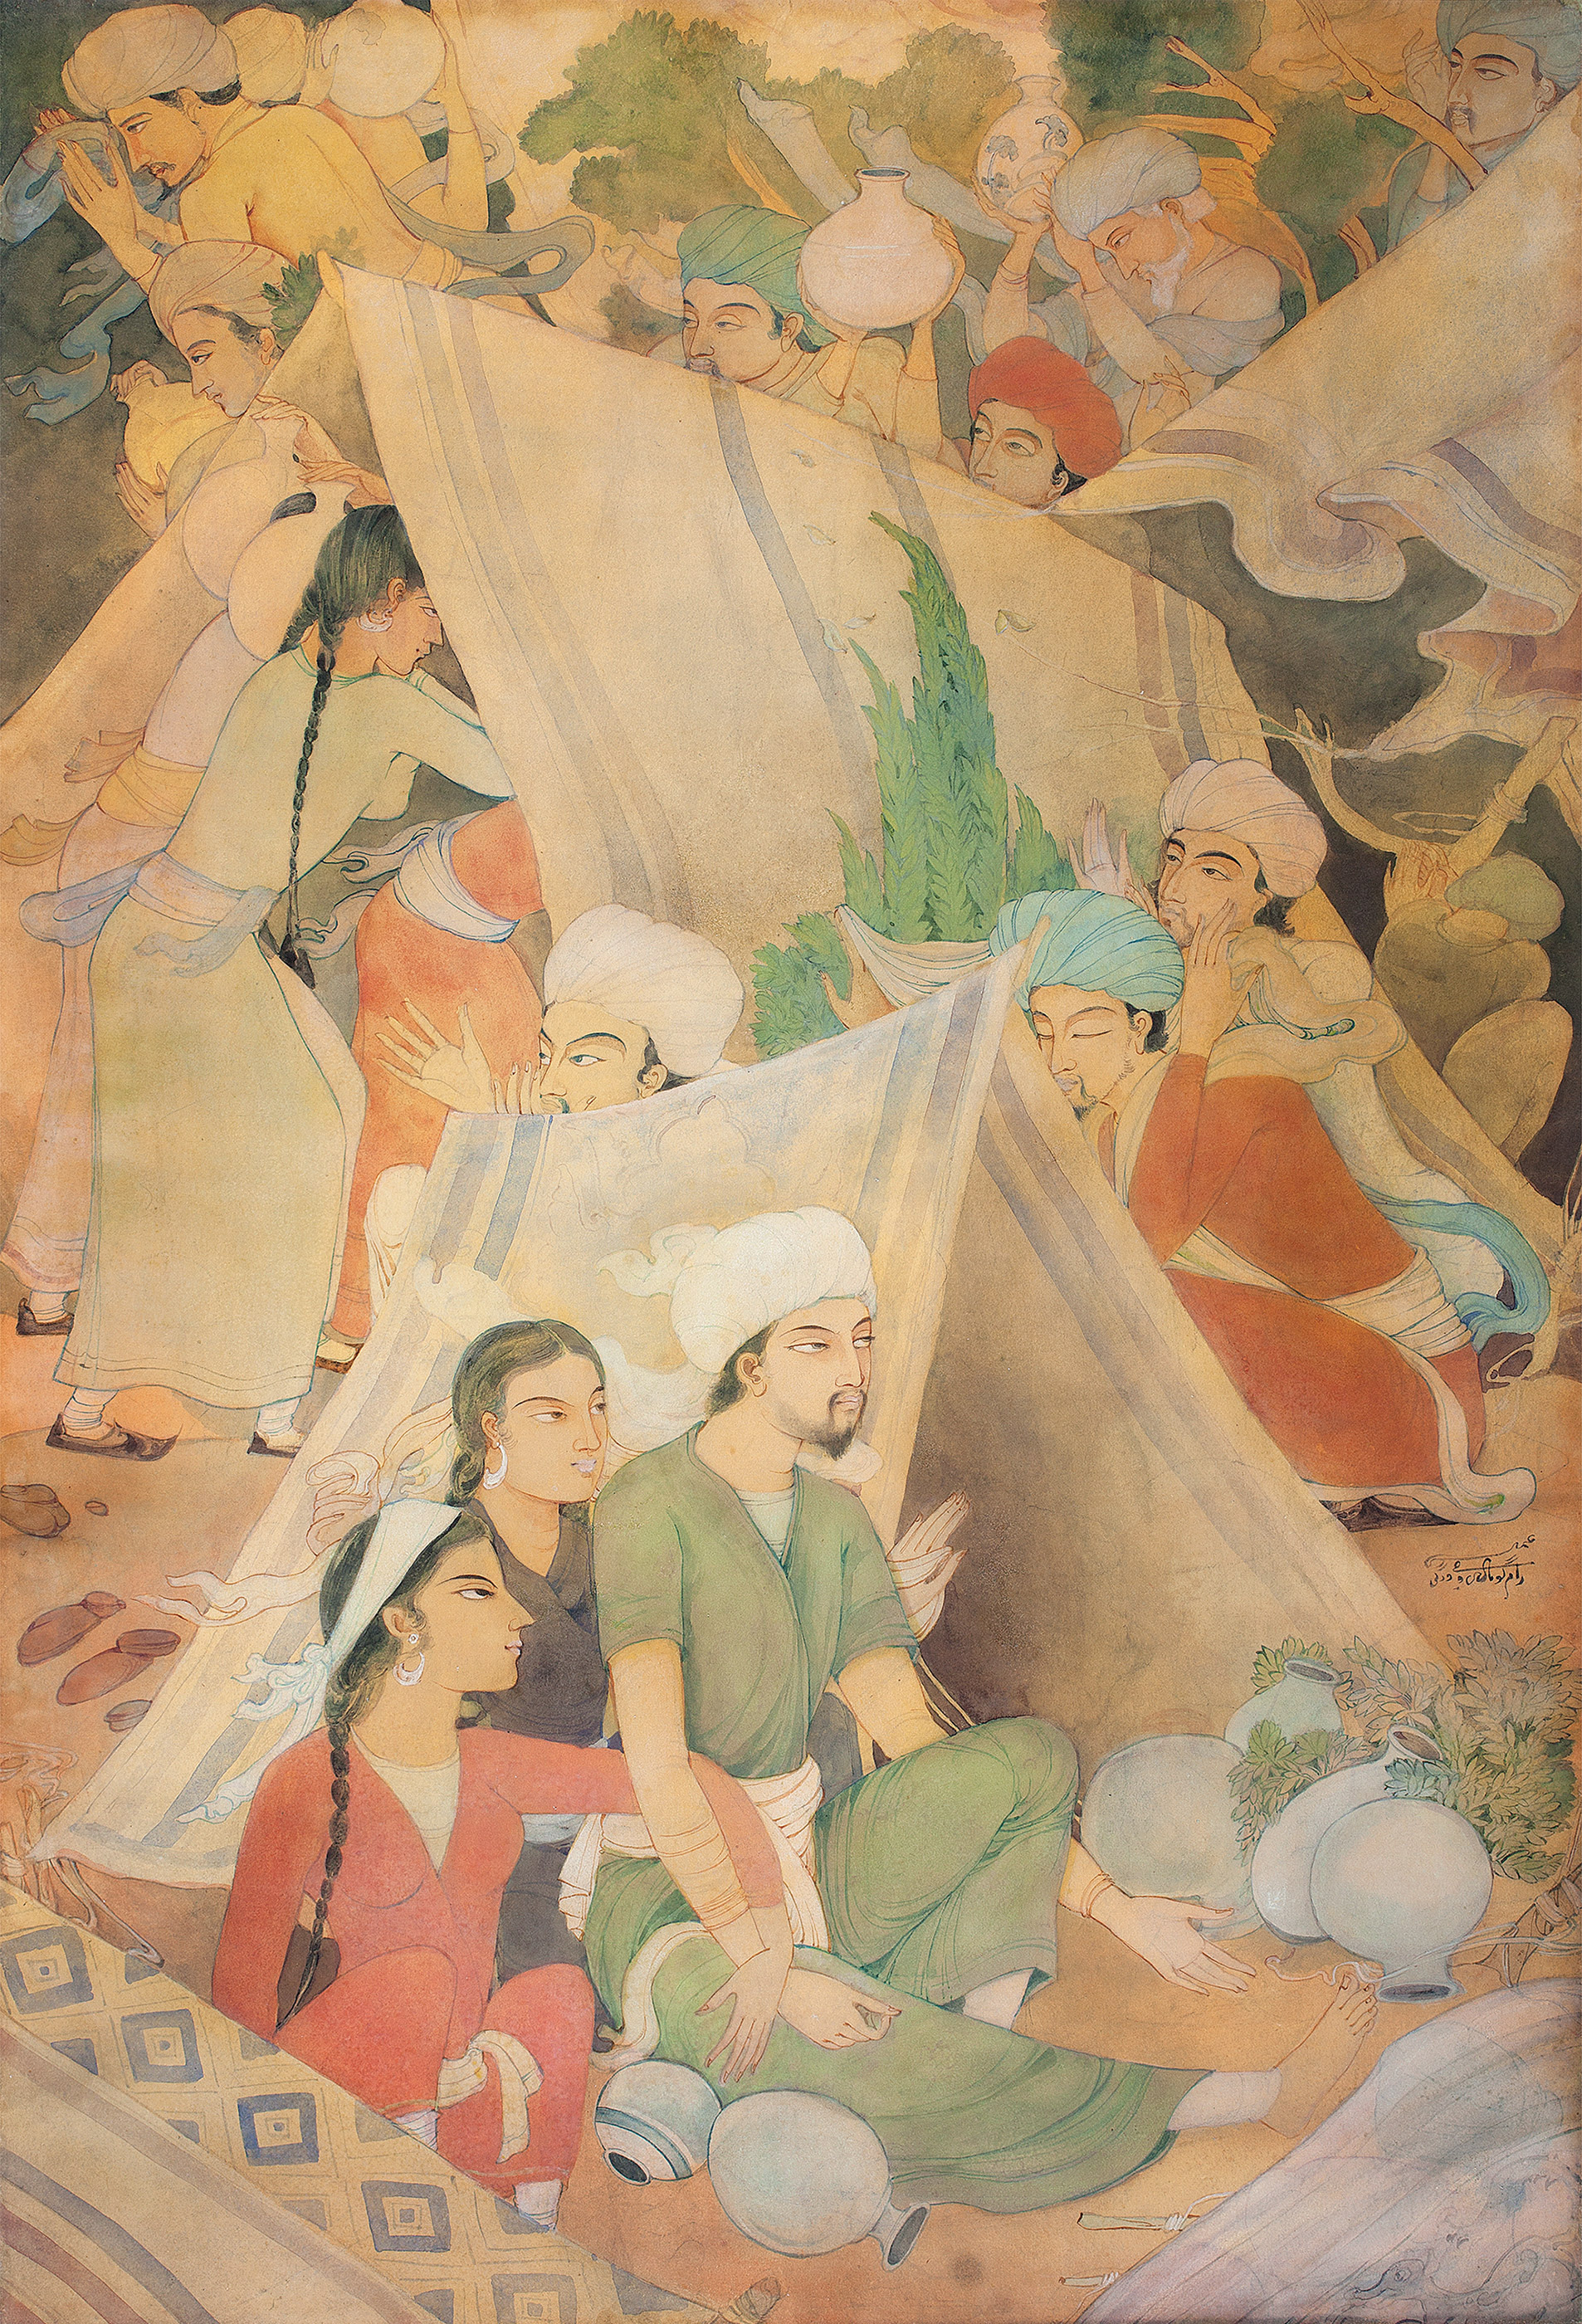 Lot 39 - Ramgopal VijaivargiyaGÇÖs painting, with a pre-sale estimate of INR 15 GÇô 20 lakhs (USD 22,730 GÇô 30,305), sold at INR 32.4 lakhs (USD 49,091)